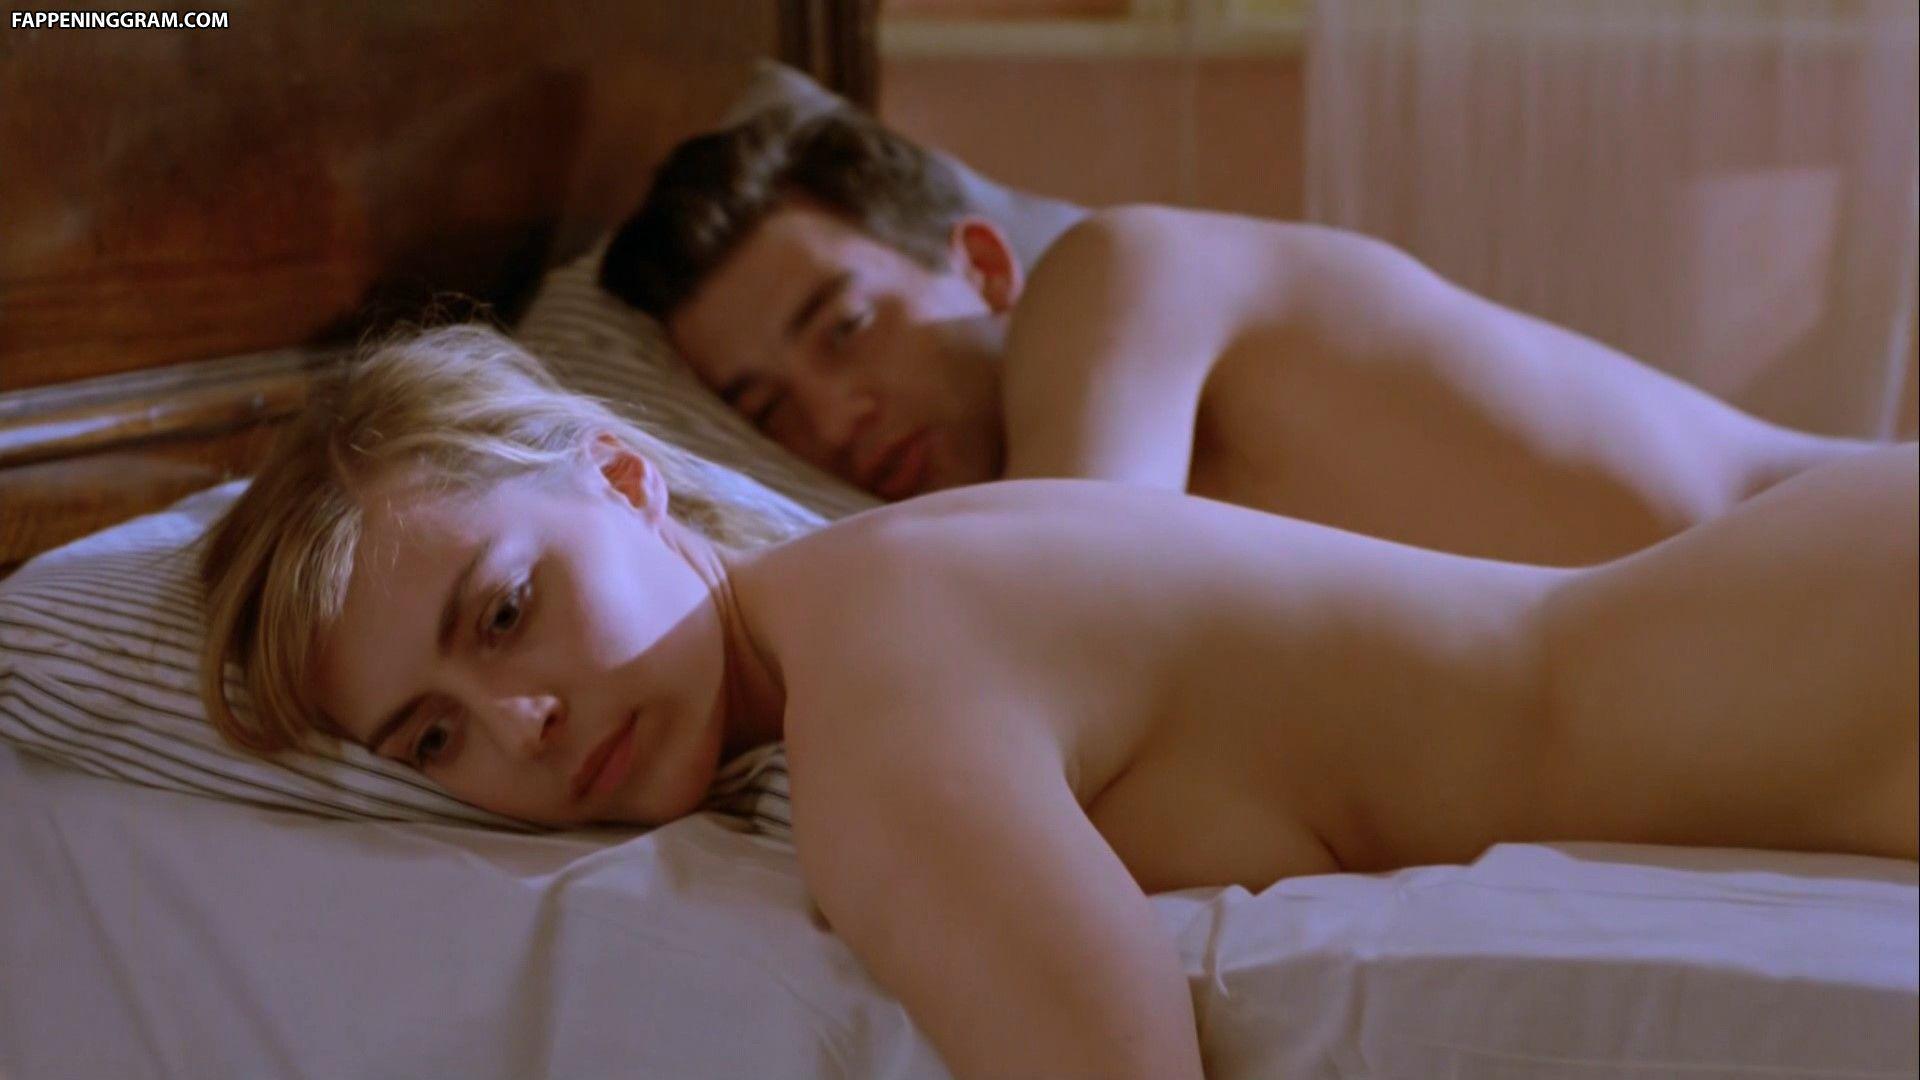 Julie bowen celebrity nude pics